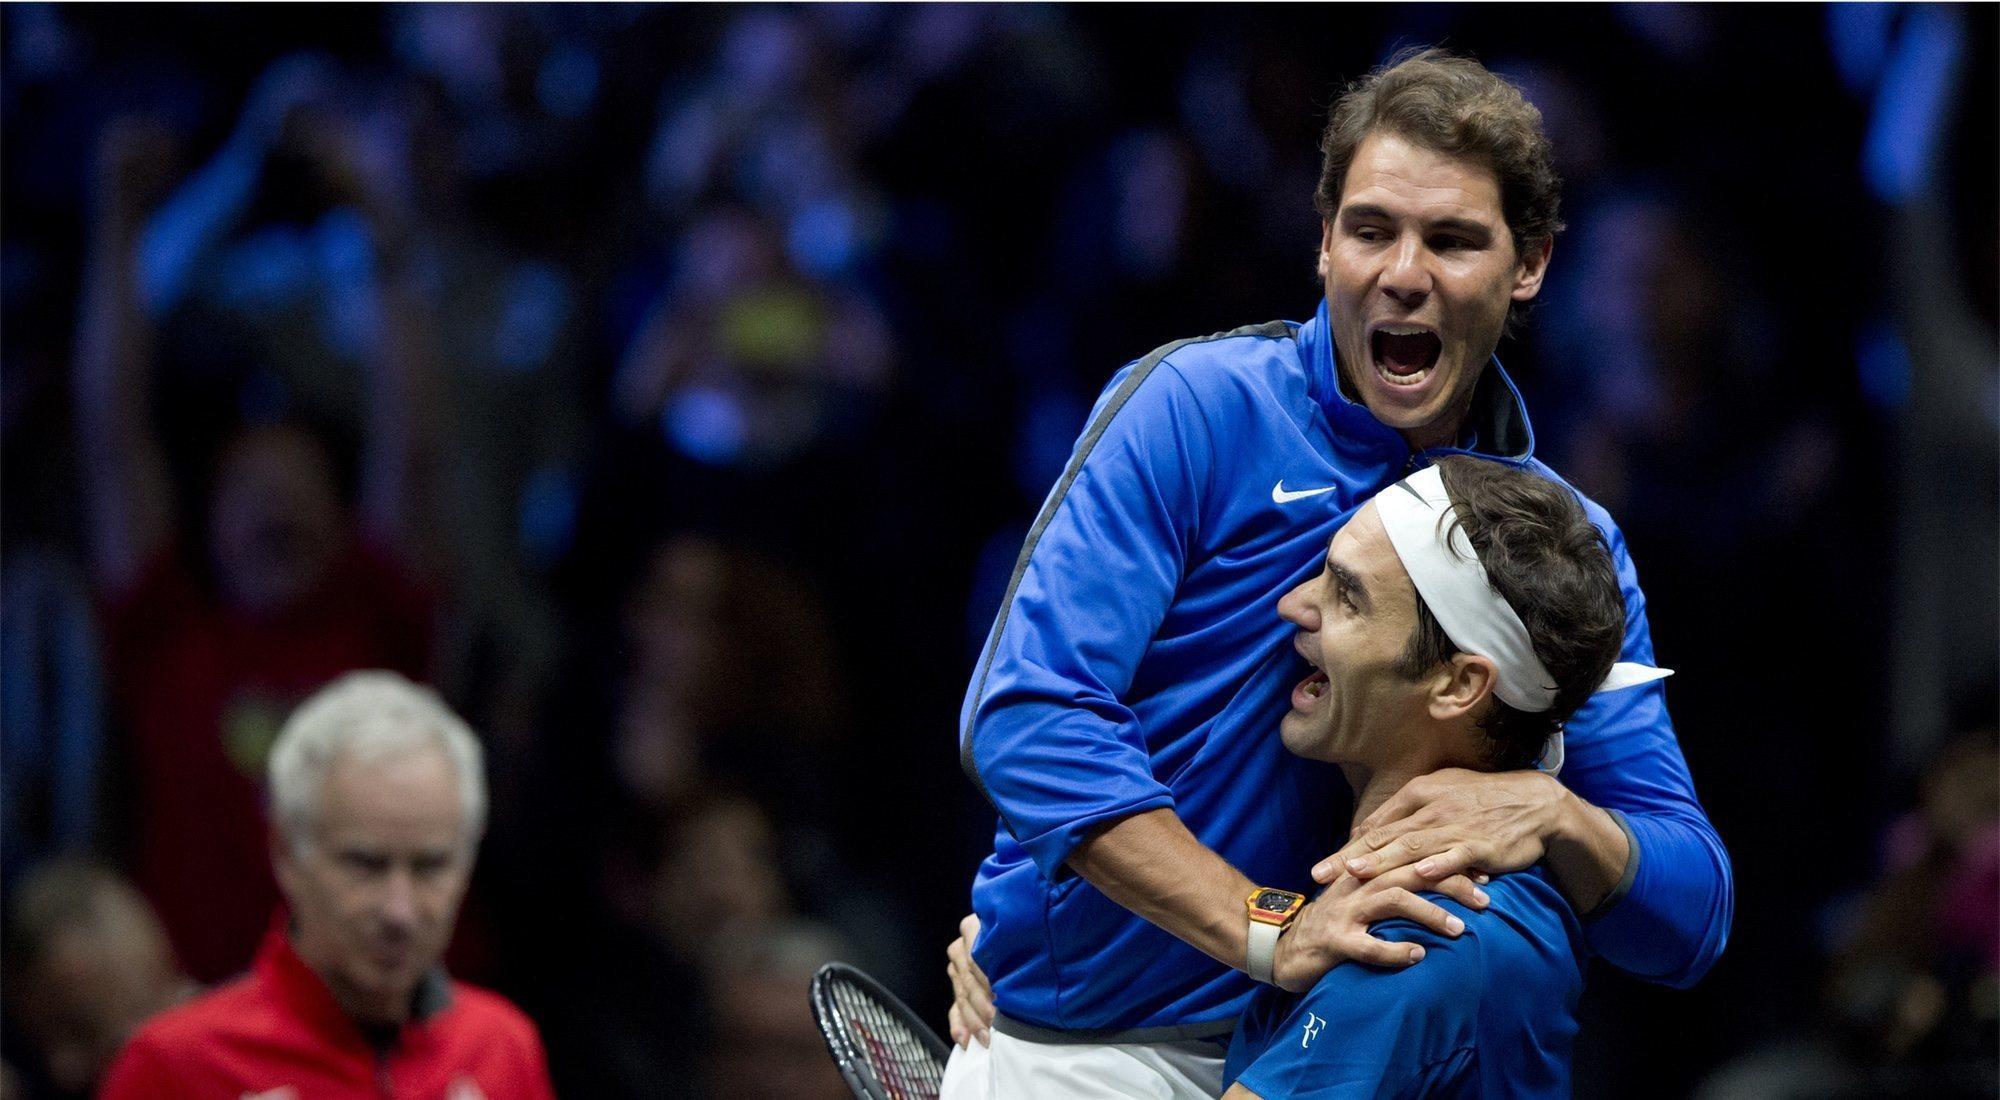 Los 5 mejores momentos de los Nadal - Federer